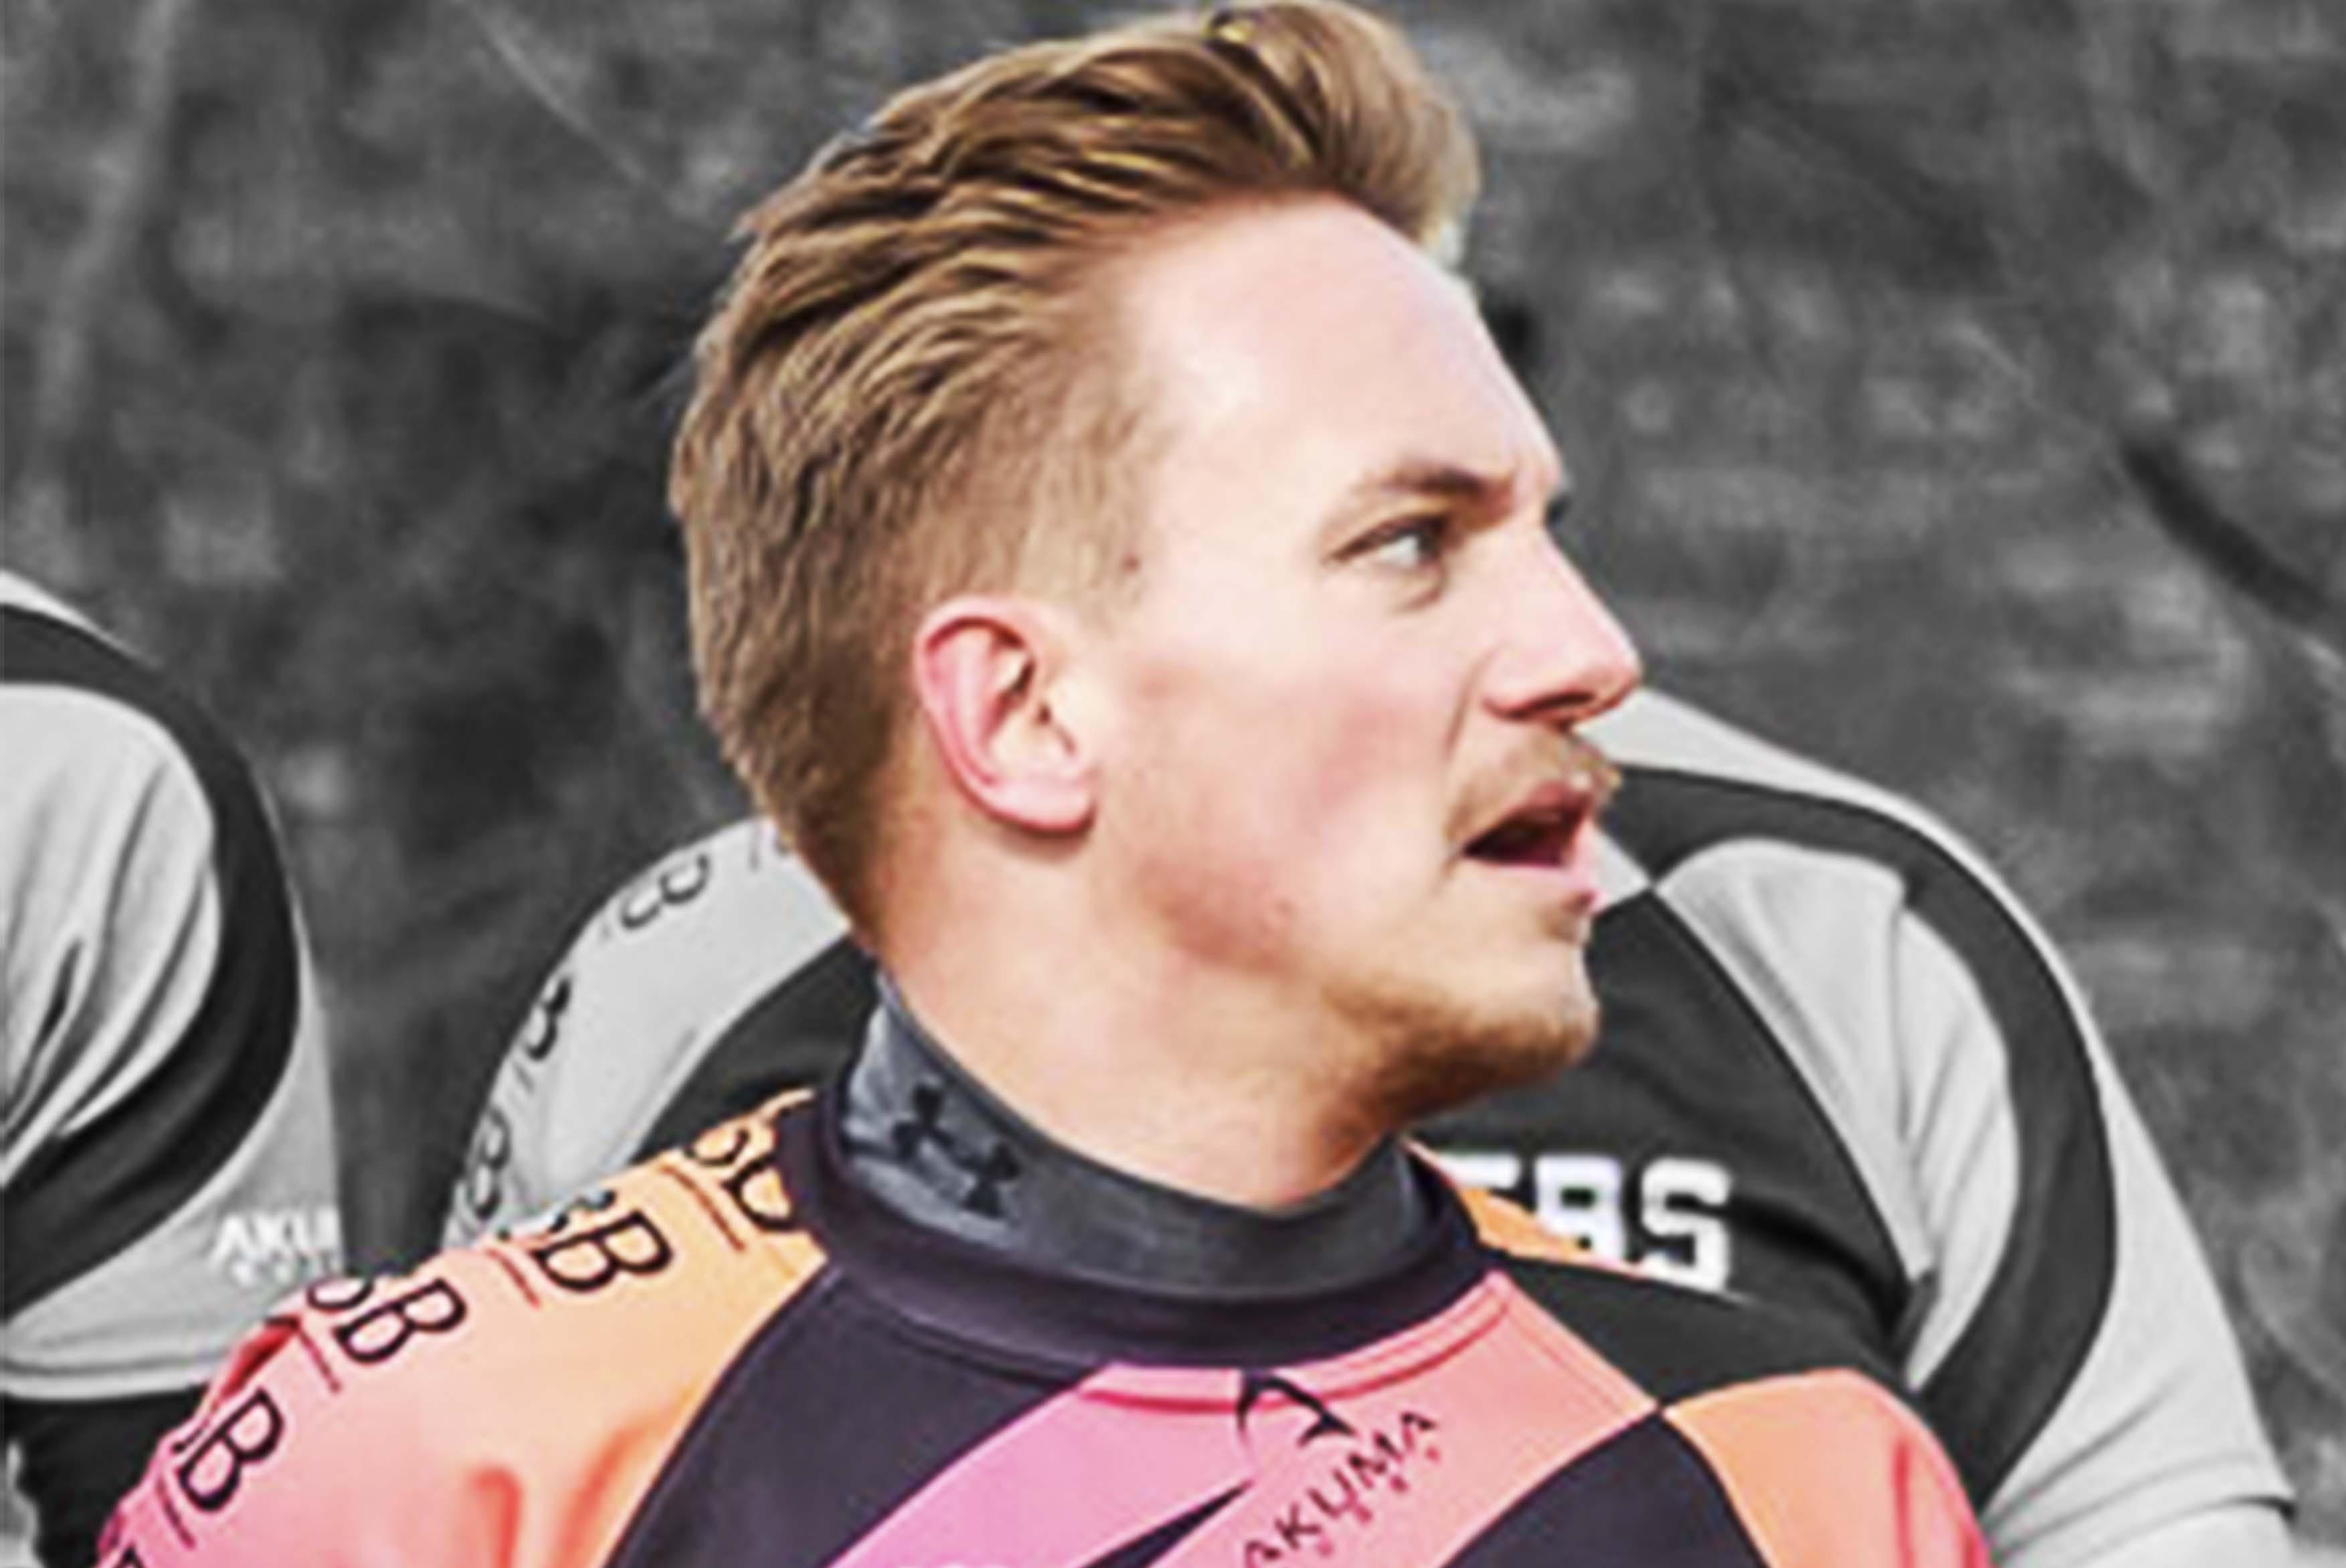 Bart Roel-Gaykrant